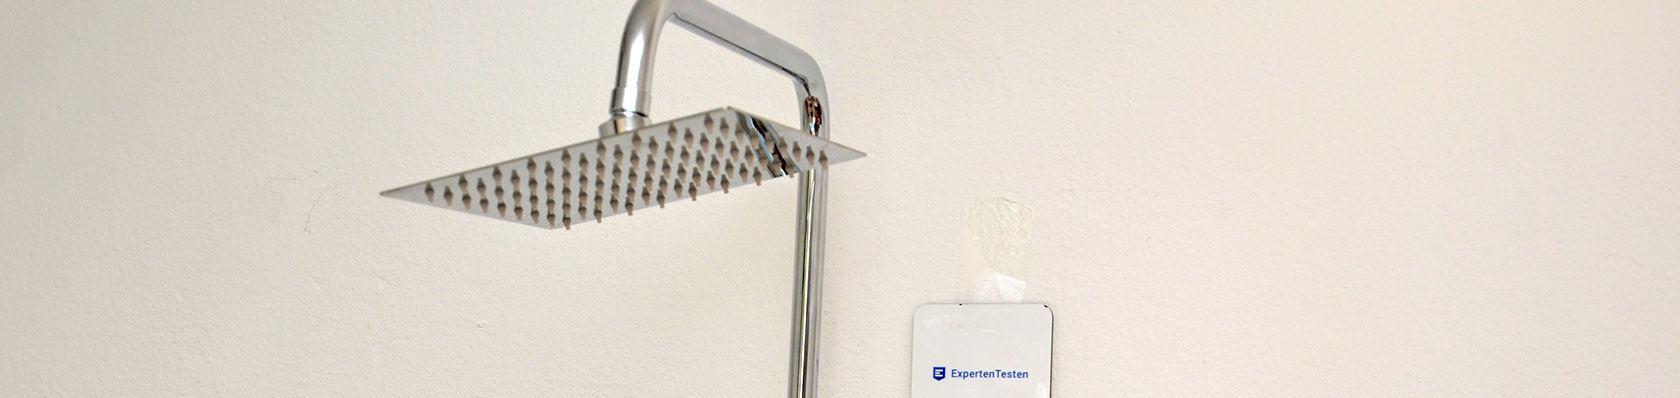 Duschsysteme im Test auf ExpertenTesten.de